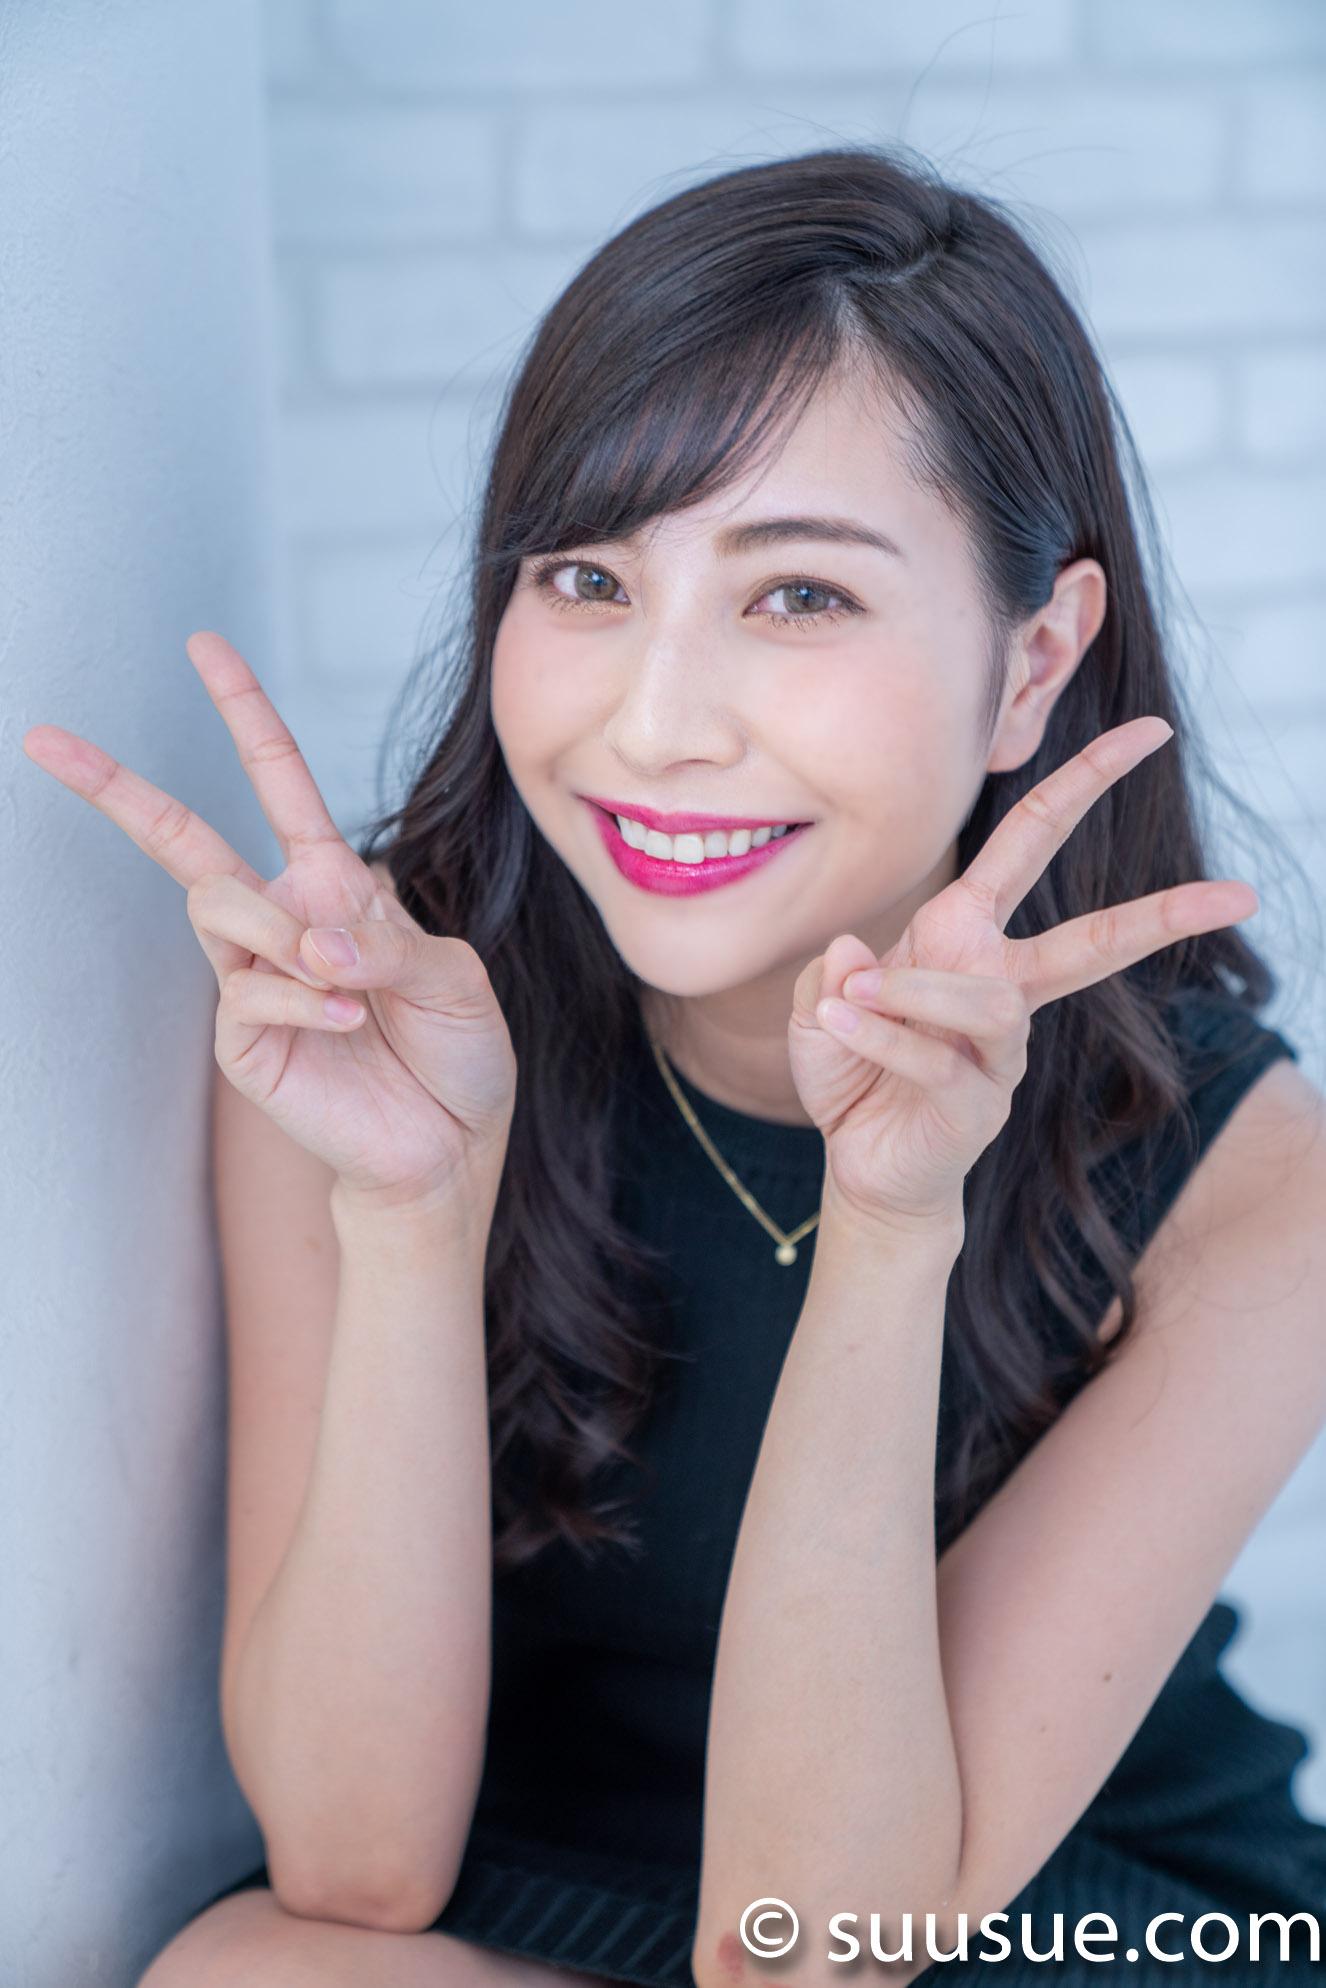 緑川ちひろ 2019/06/09 ガーネット撮影会